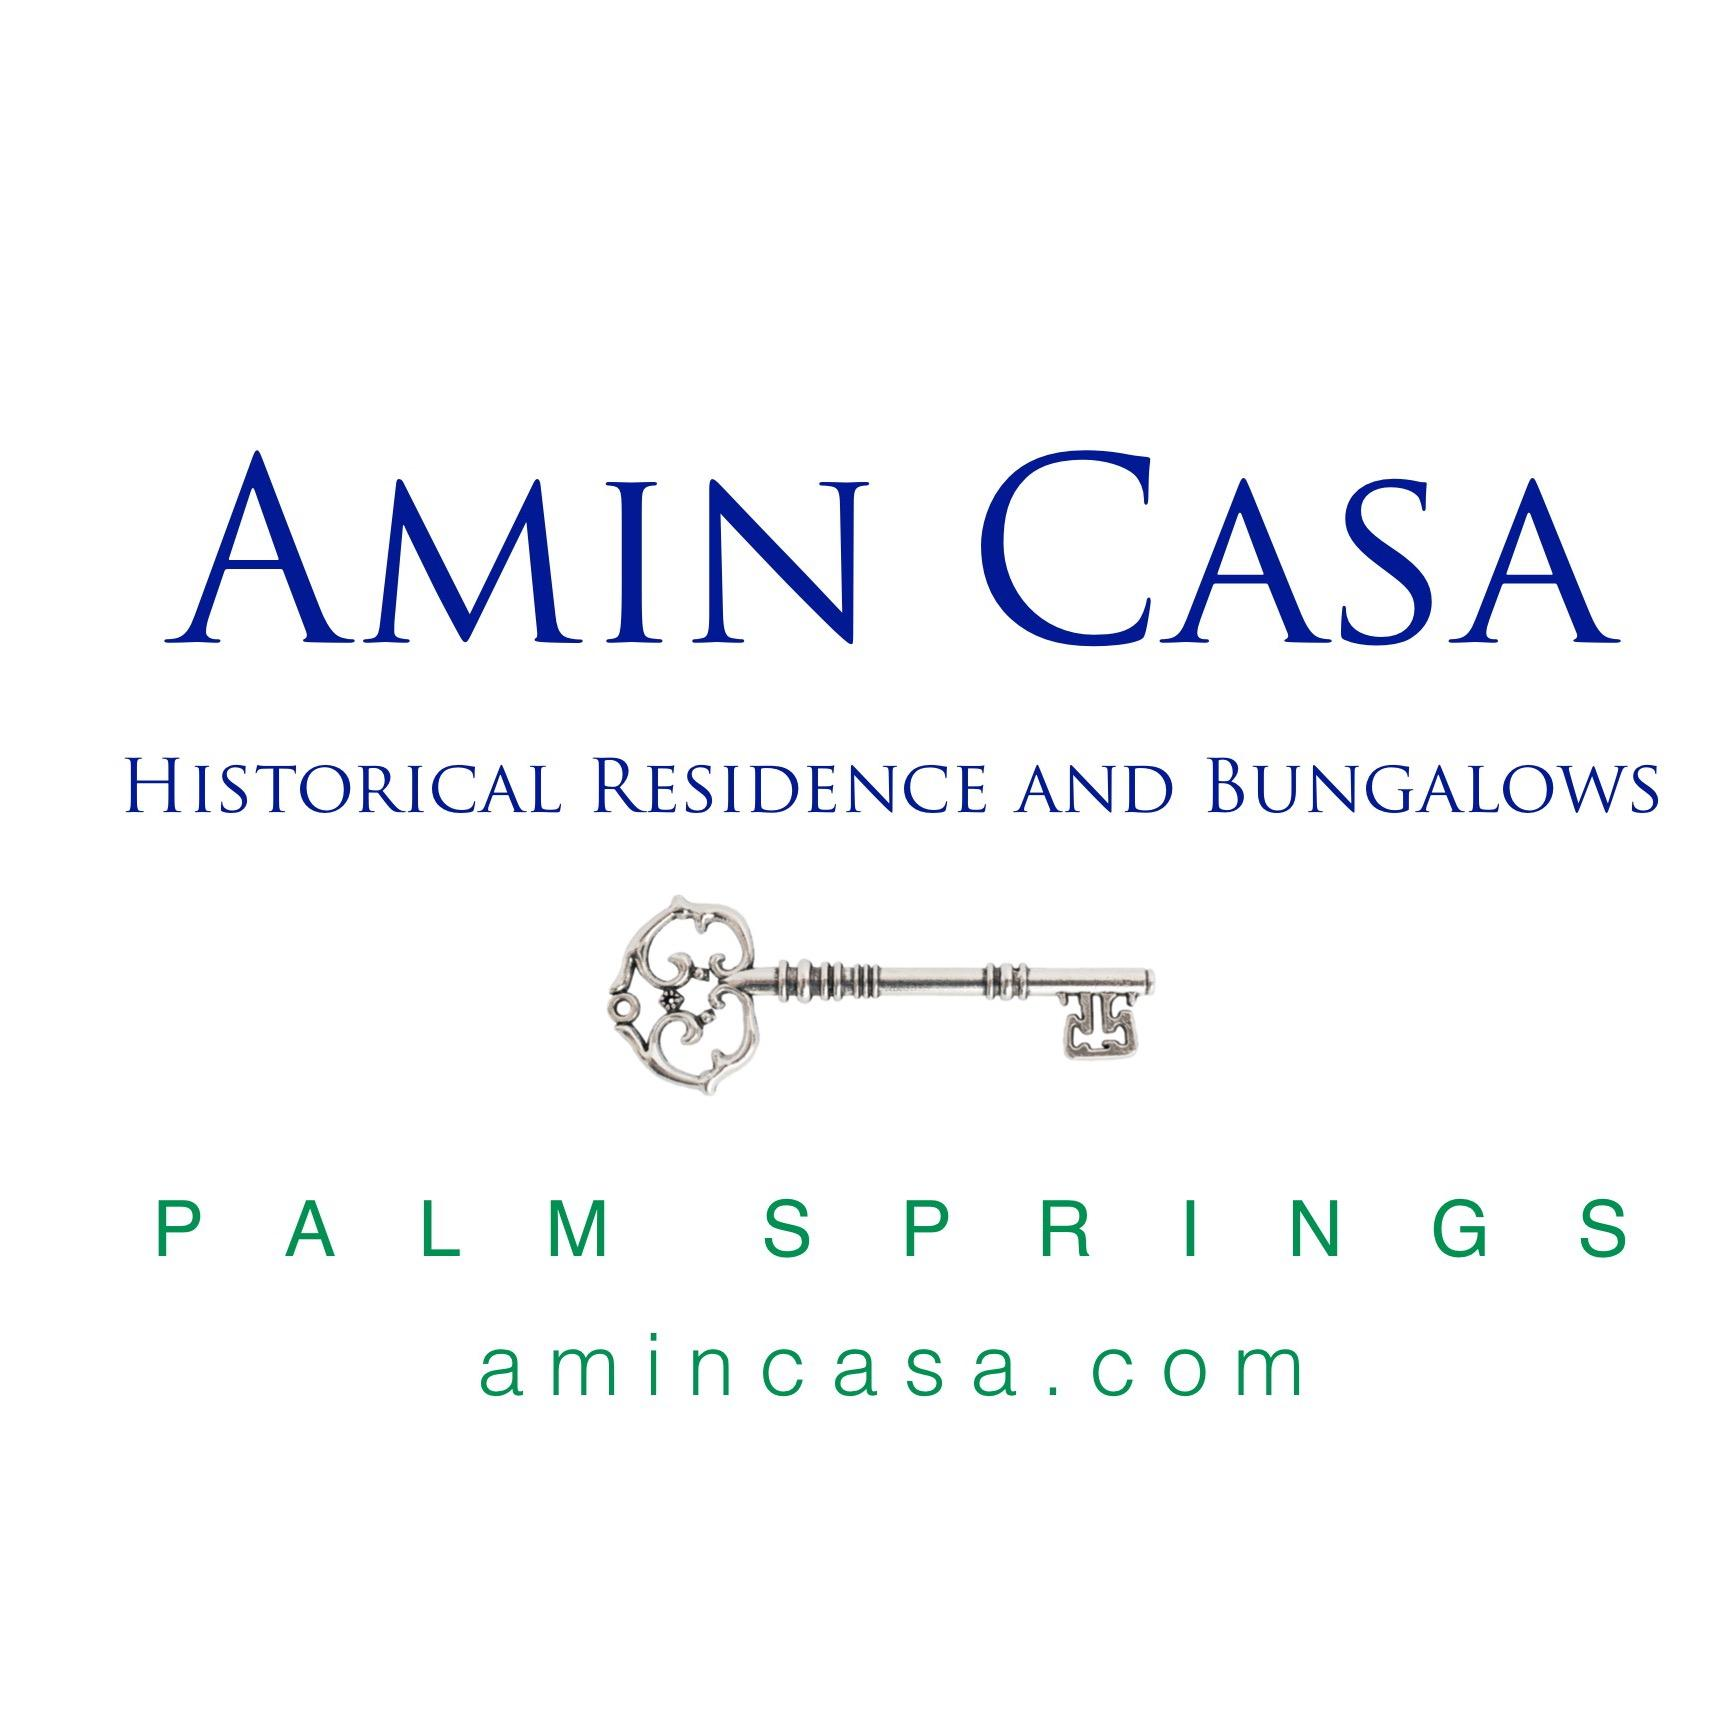 AMIN CASA